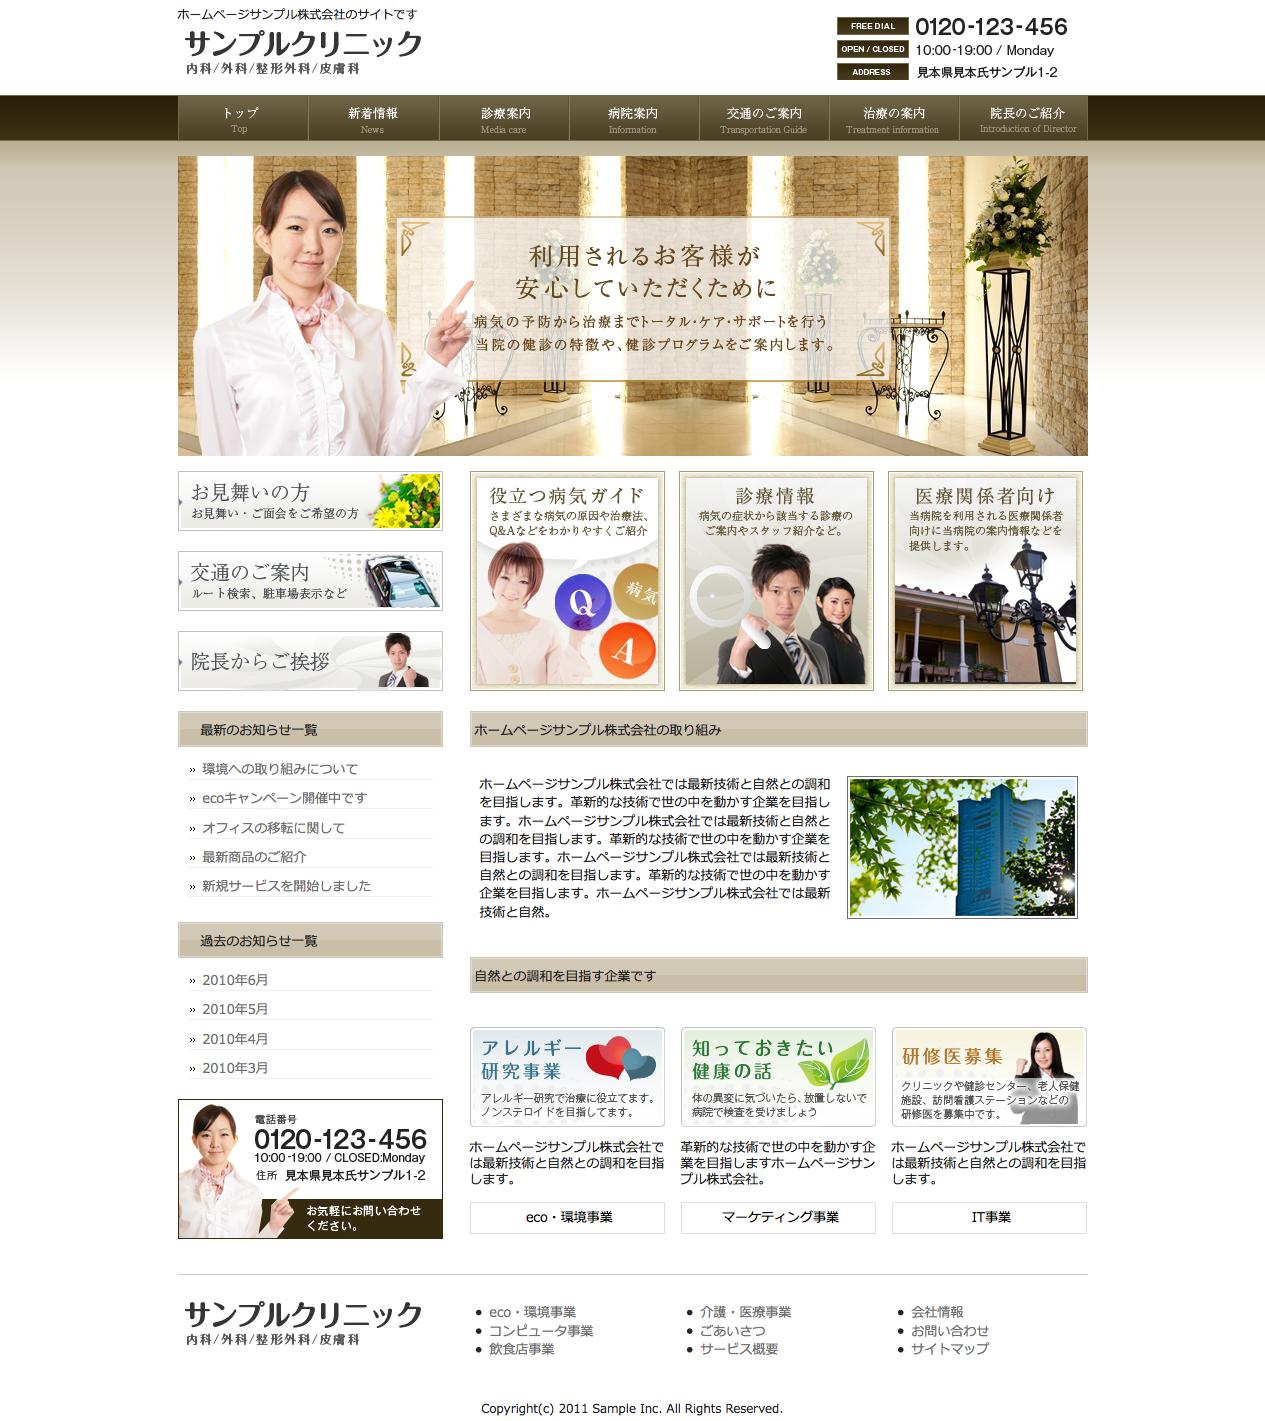 ホームページ テンプレート制作